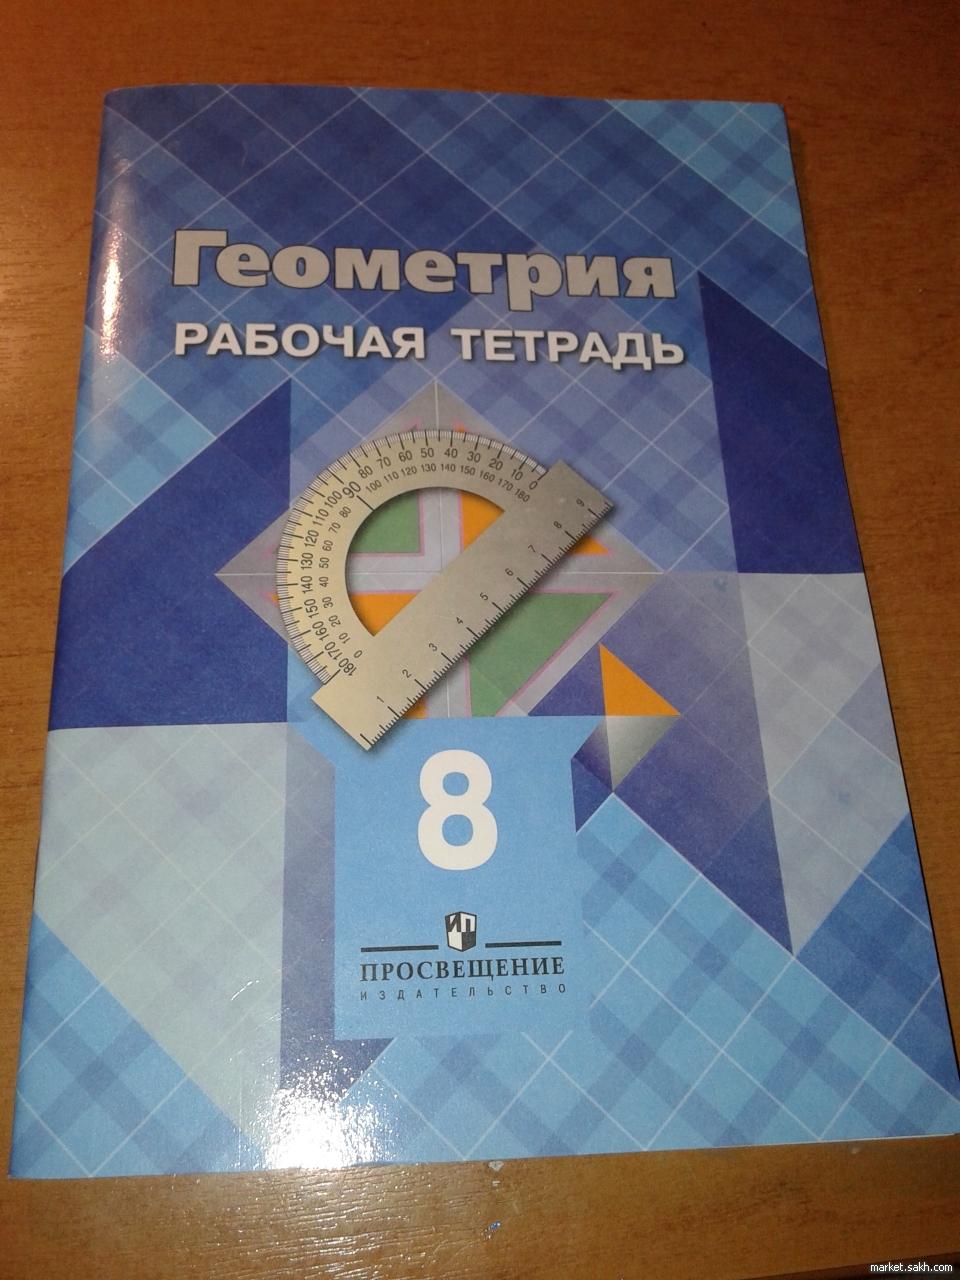 Гдз от путина рабочая тетрадь по геометрии 7 класс атанасян.